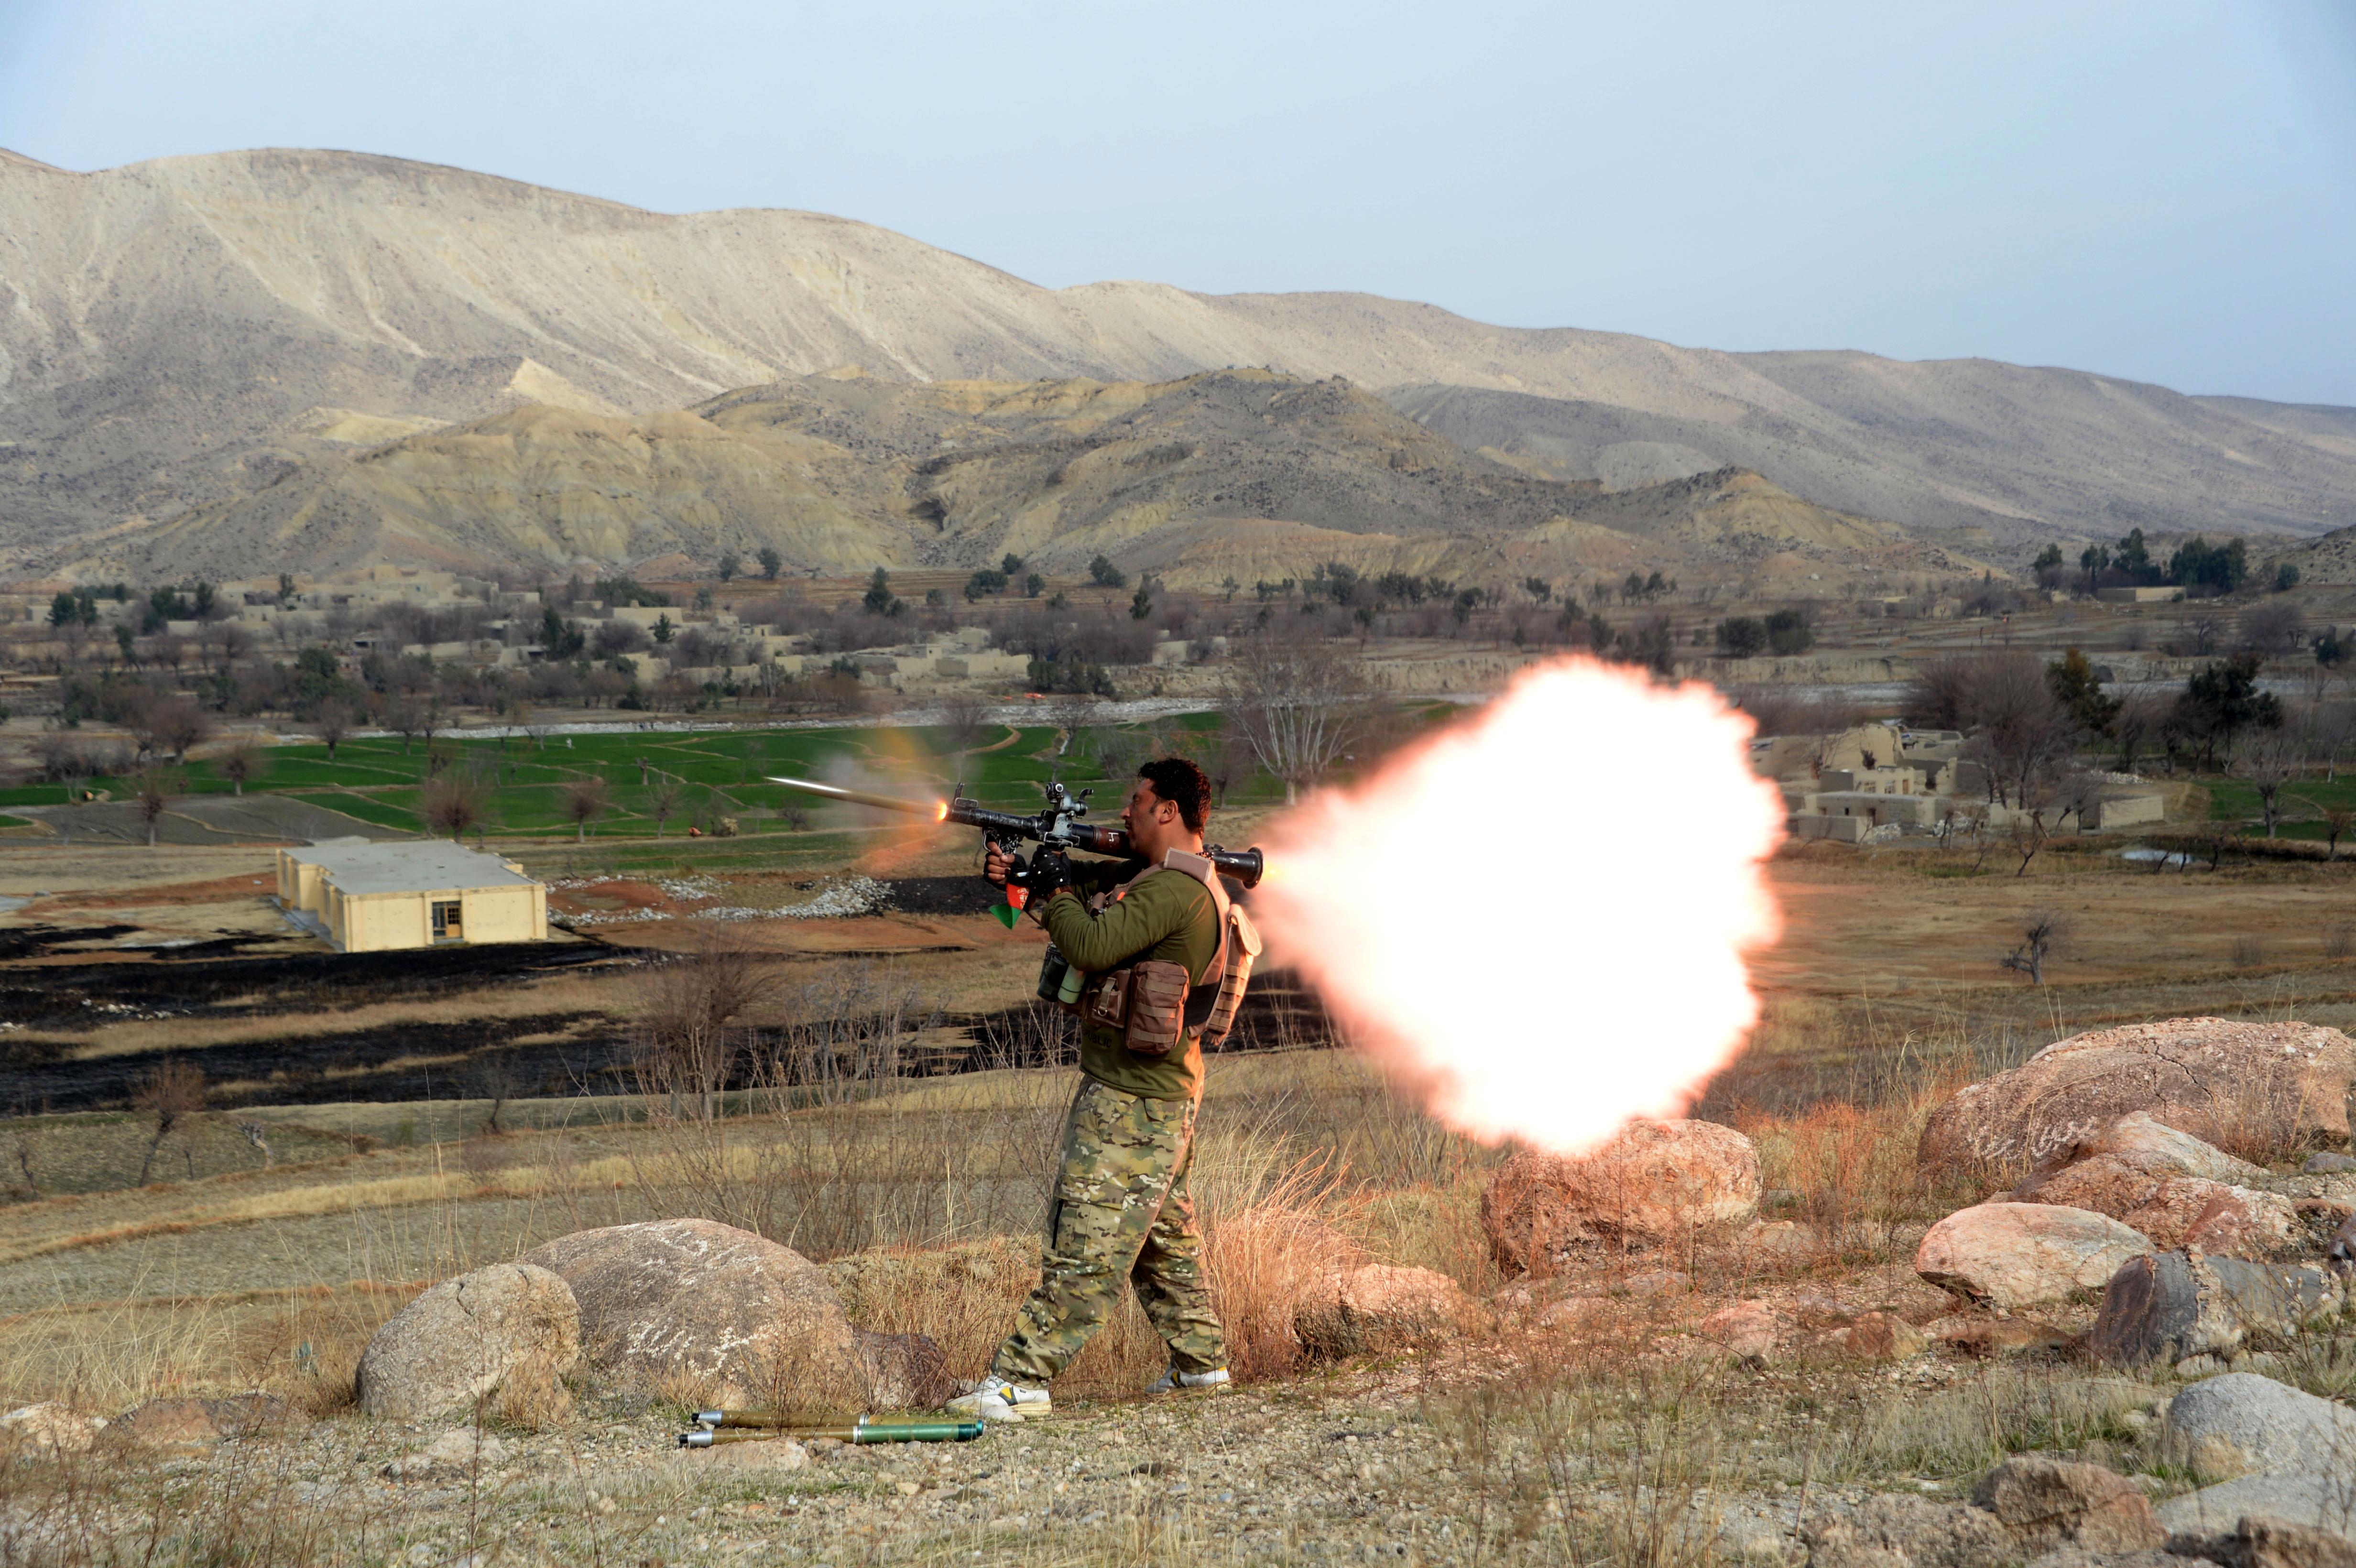 شدت یافتن عملیات های ضد ستیزه جویی توسط قوای نظامی افغانستان